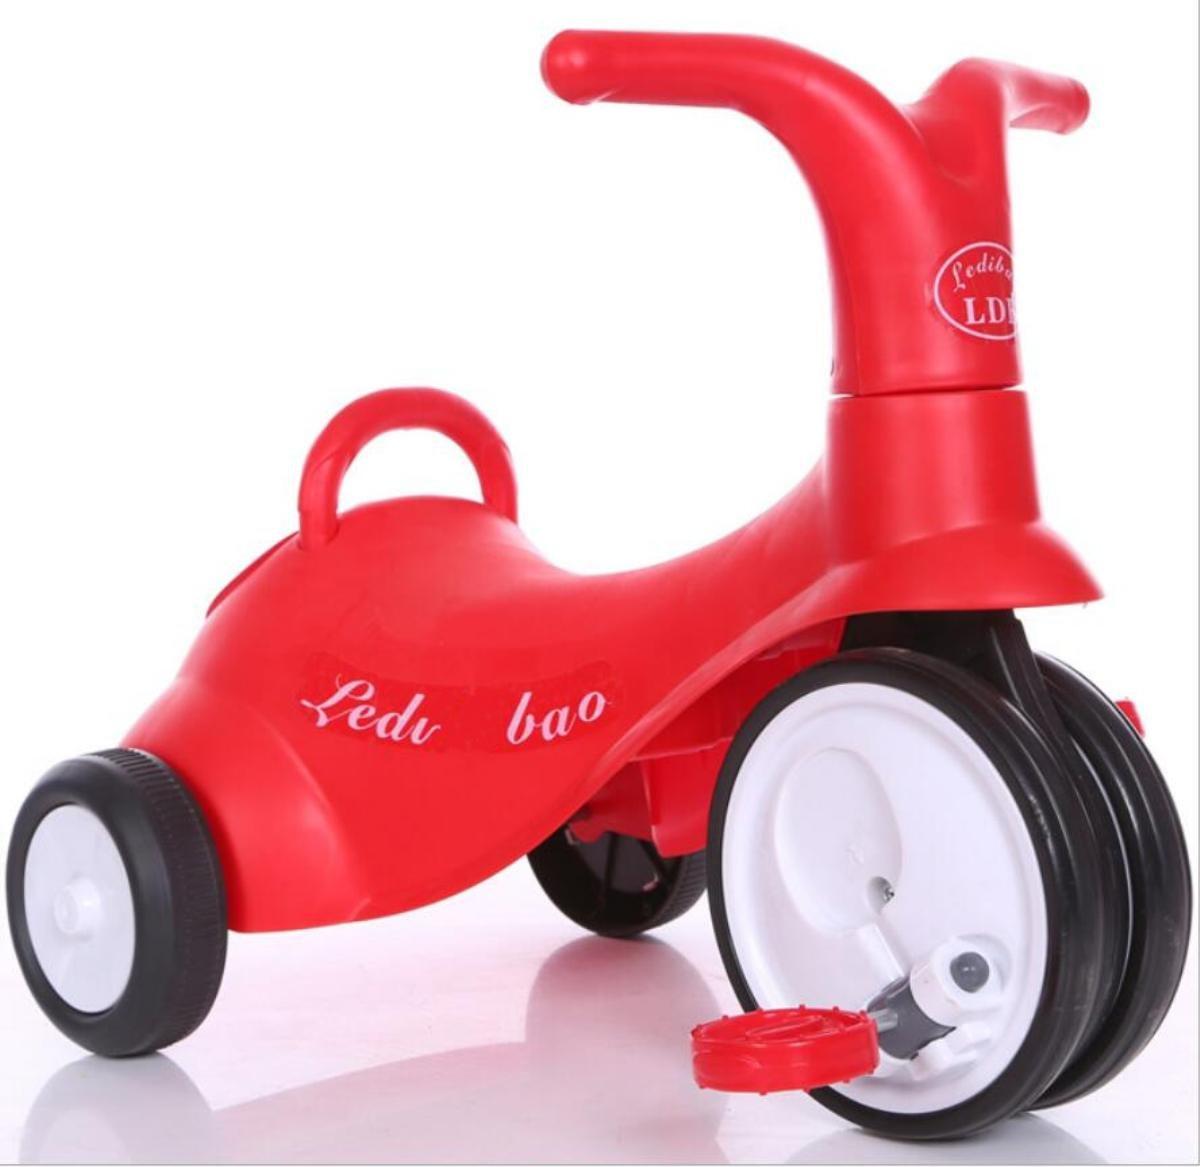 barato Triciclo para niños Scooter Dual-use Balance Balance Balance Car 1-3 años de edad + pedal de bebé Walker , 3  entrega rápida